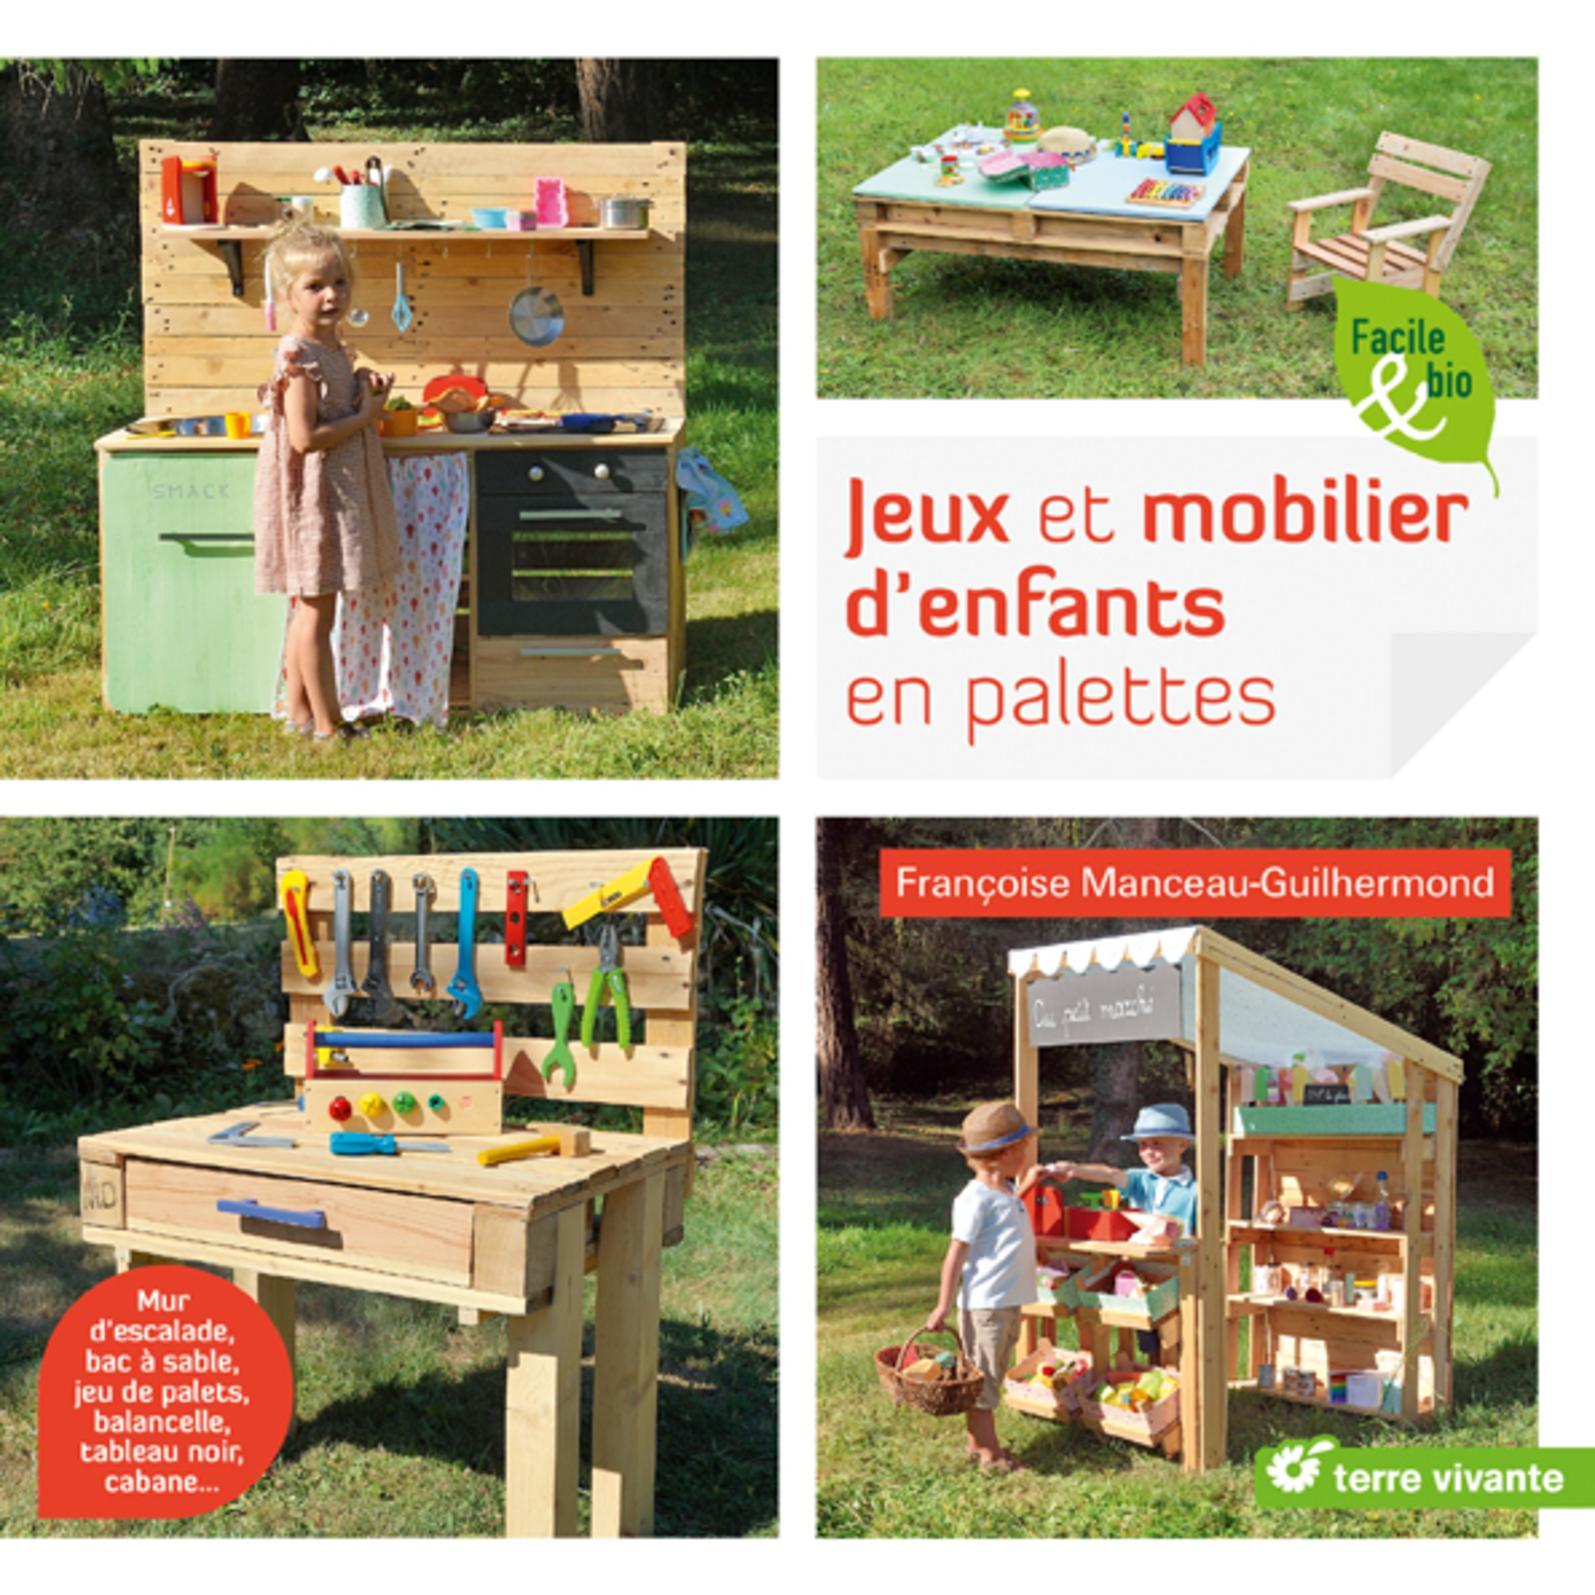 Comment Faire Une Balancelle En Palette calaméo - jeux et mobilier d'enfants en palettes